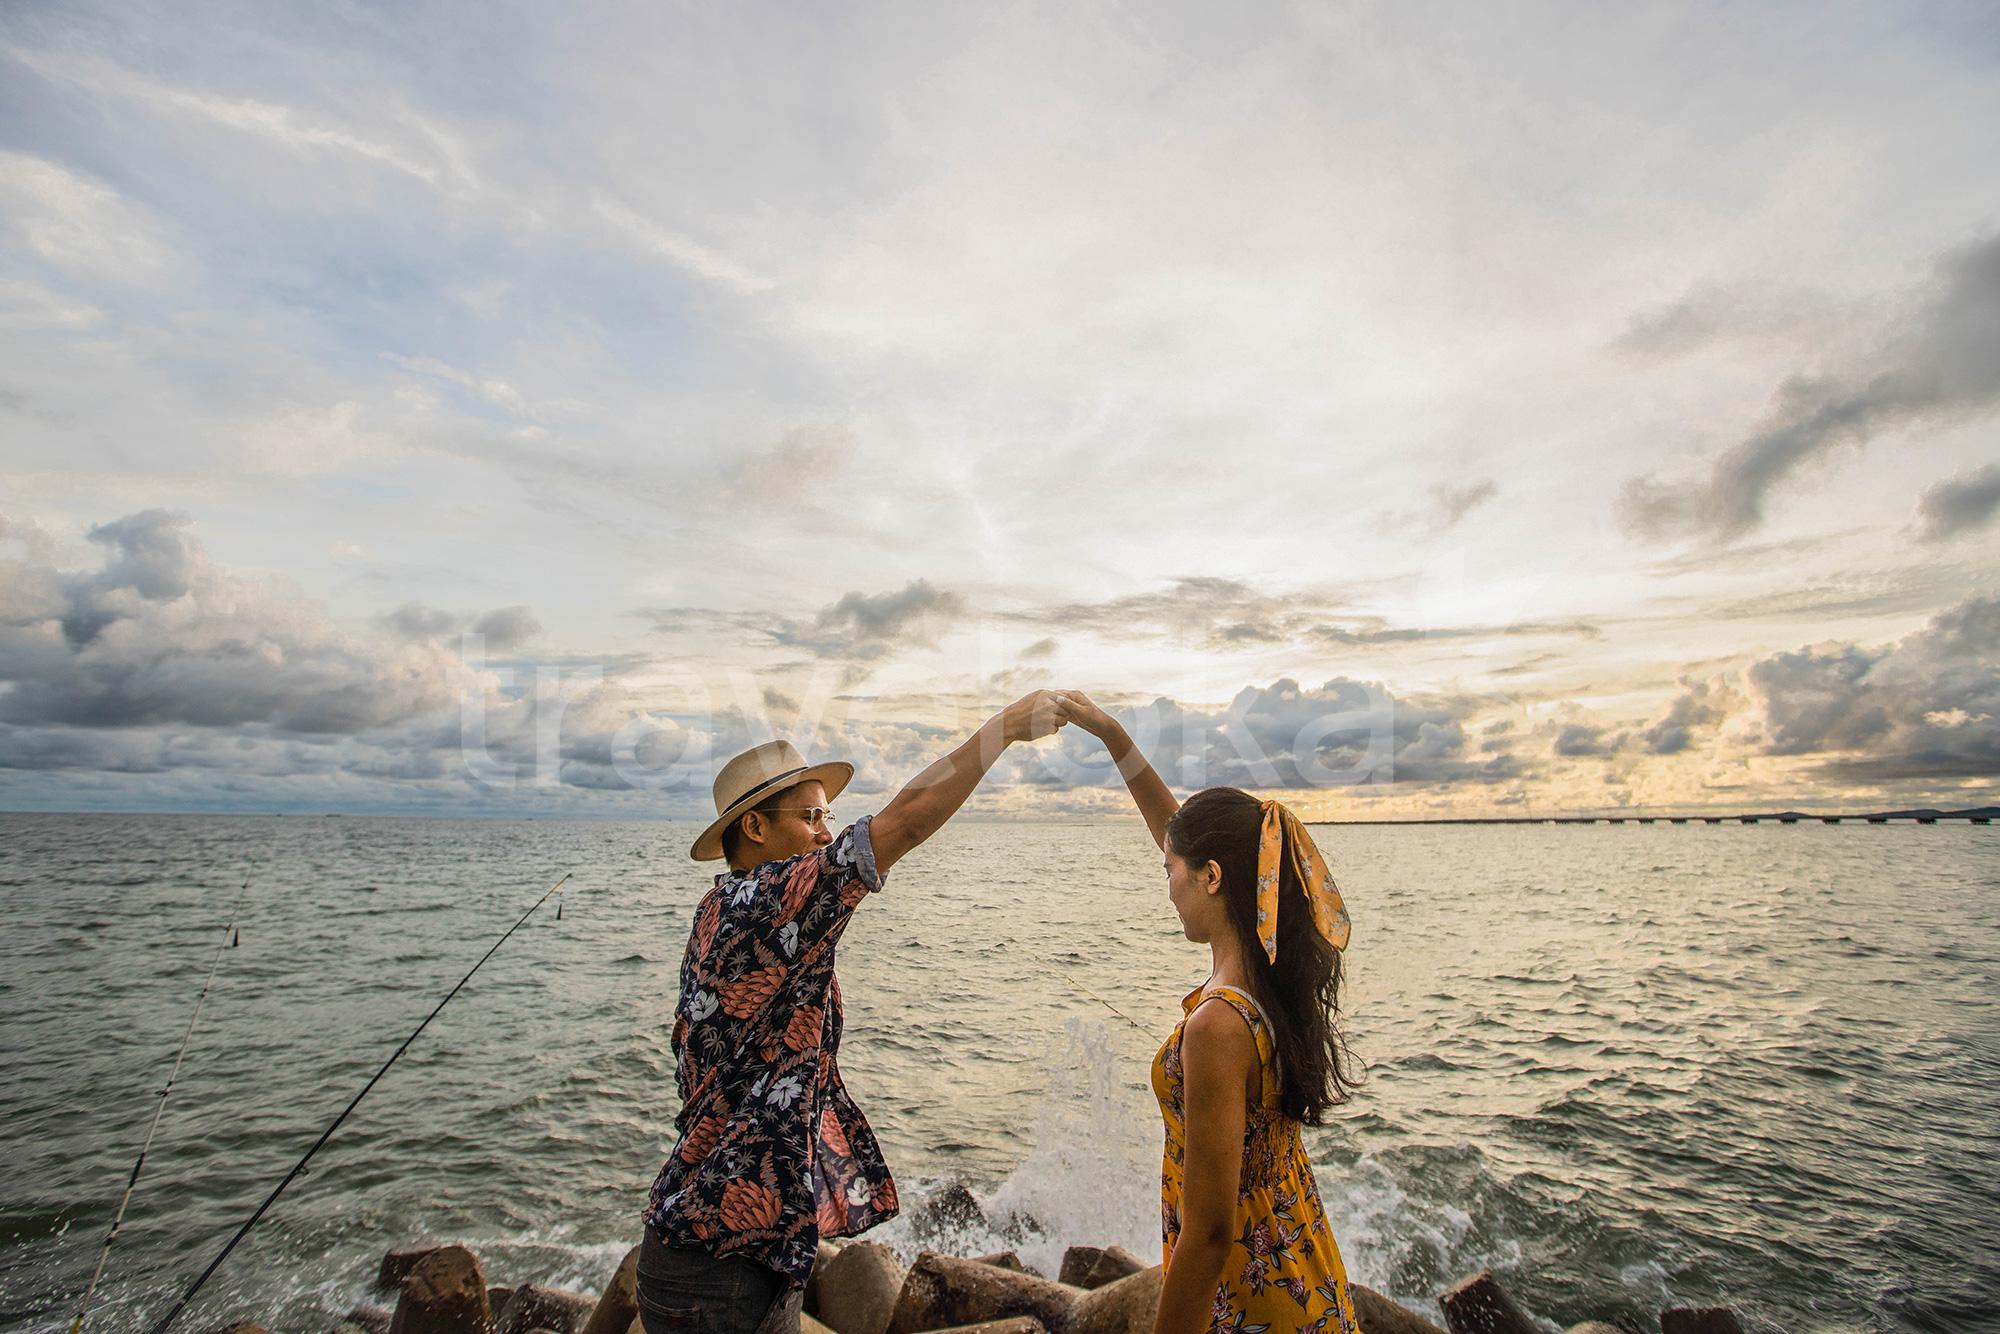 Cẩm nang du lịch Phú Quốc - Dinh Cậu